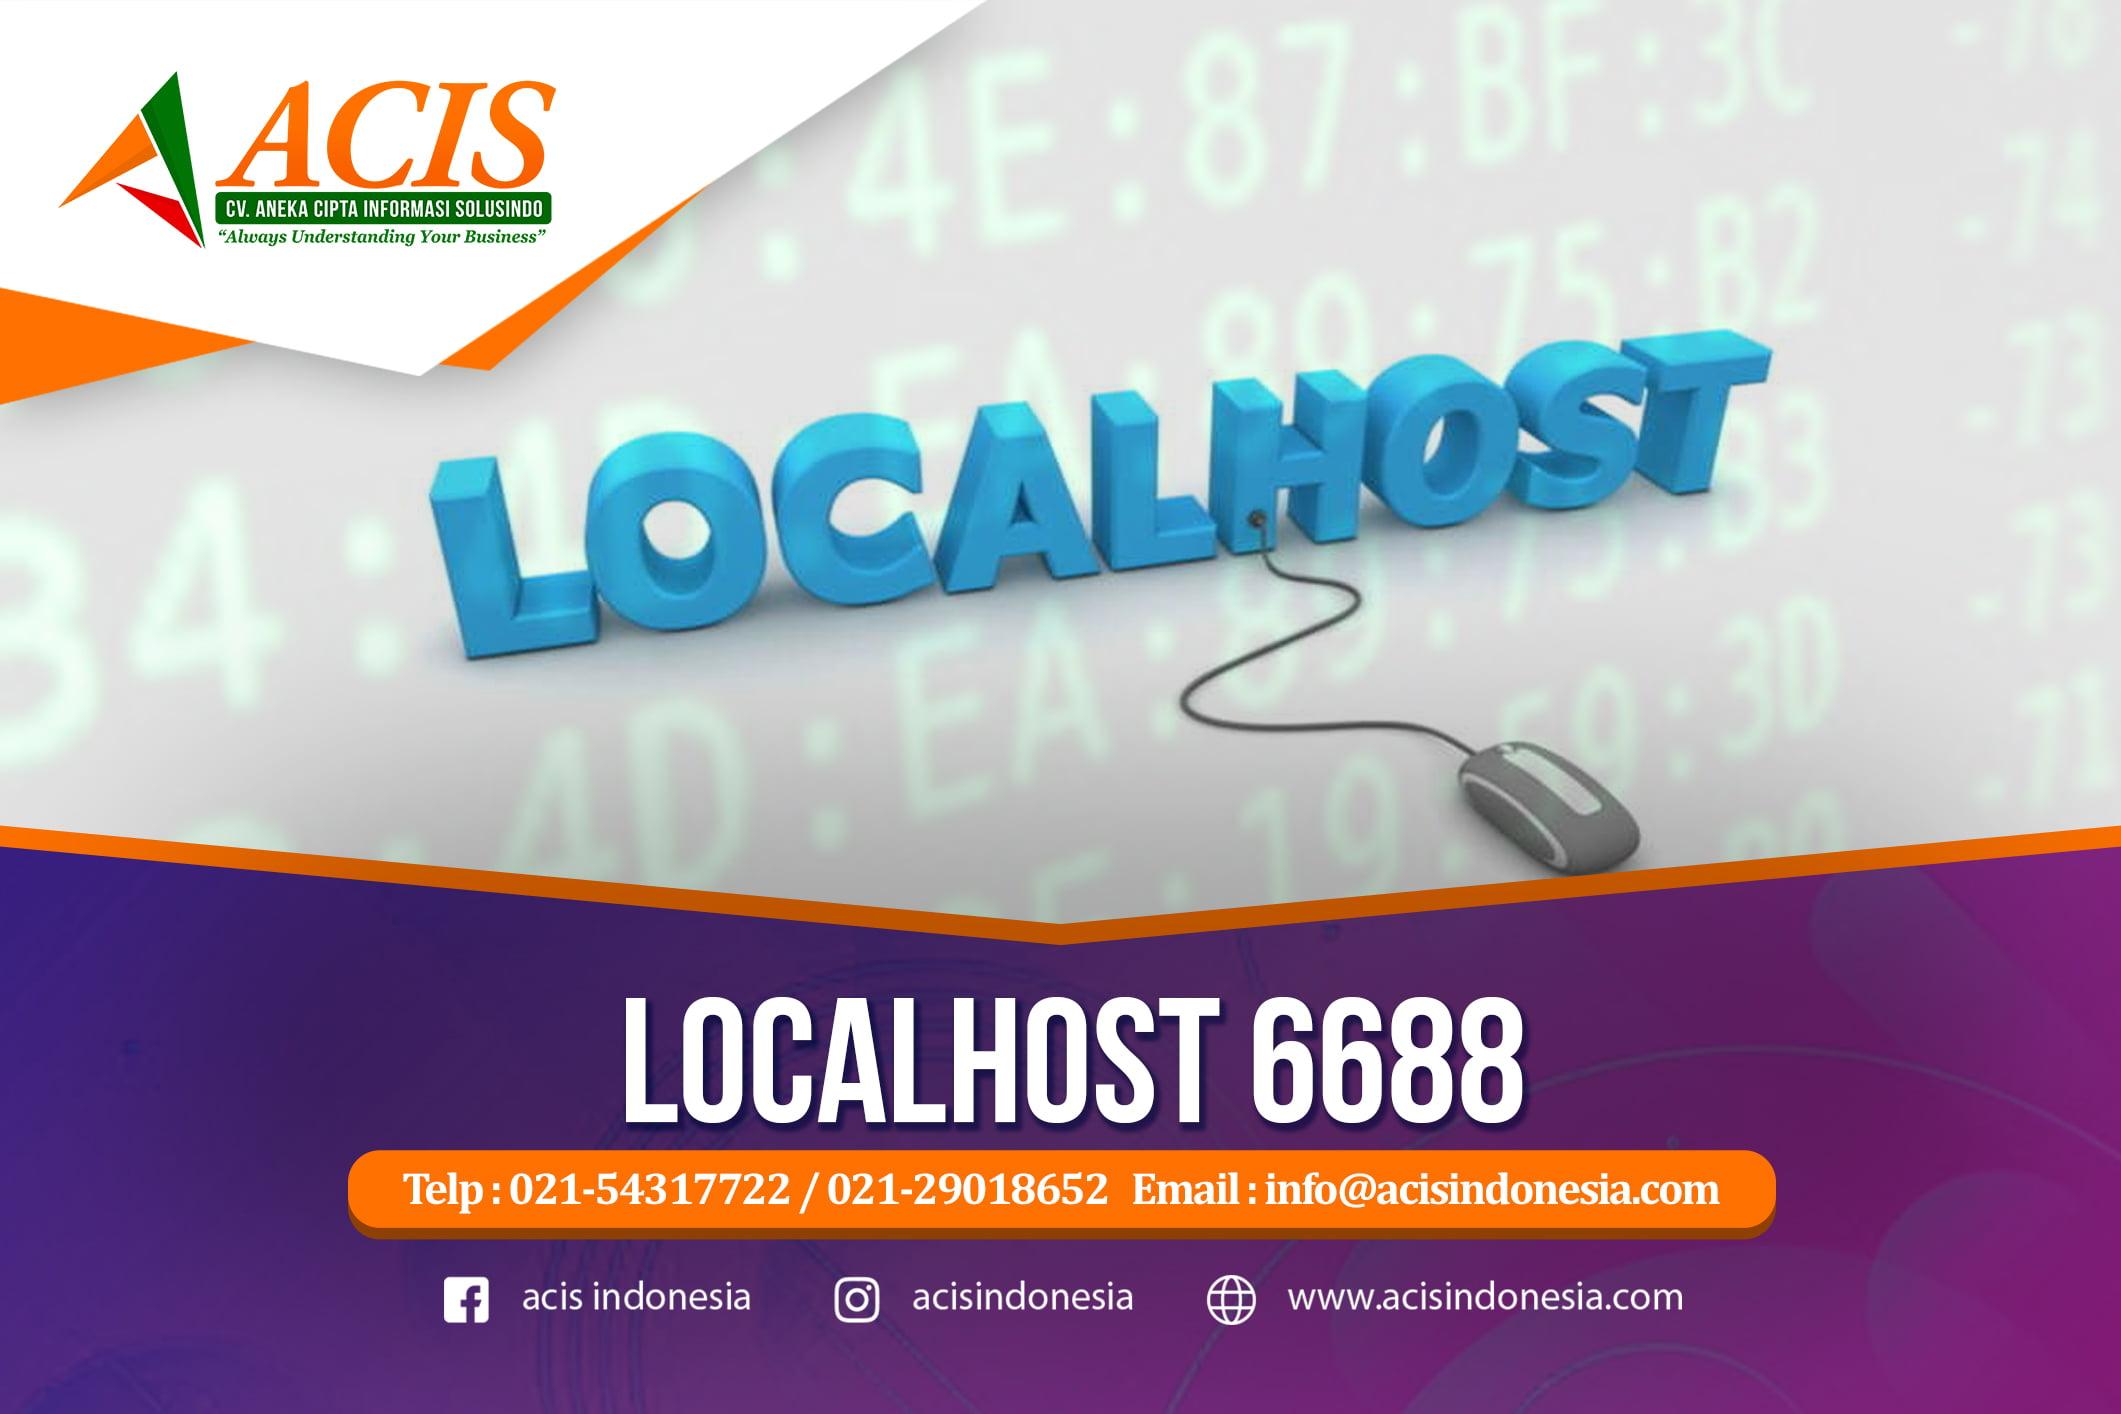 Localhost 6688